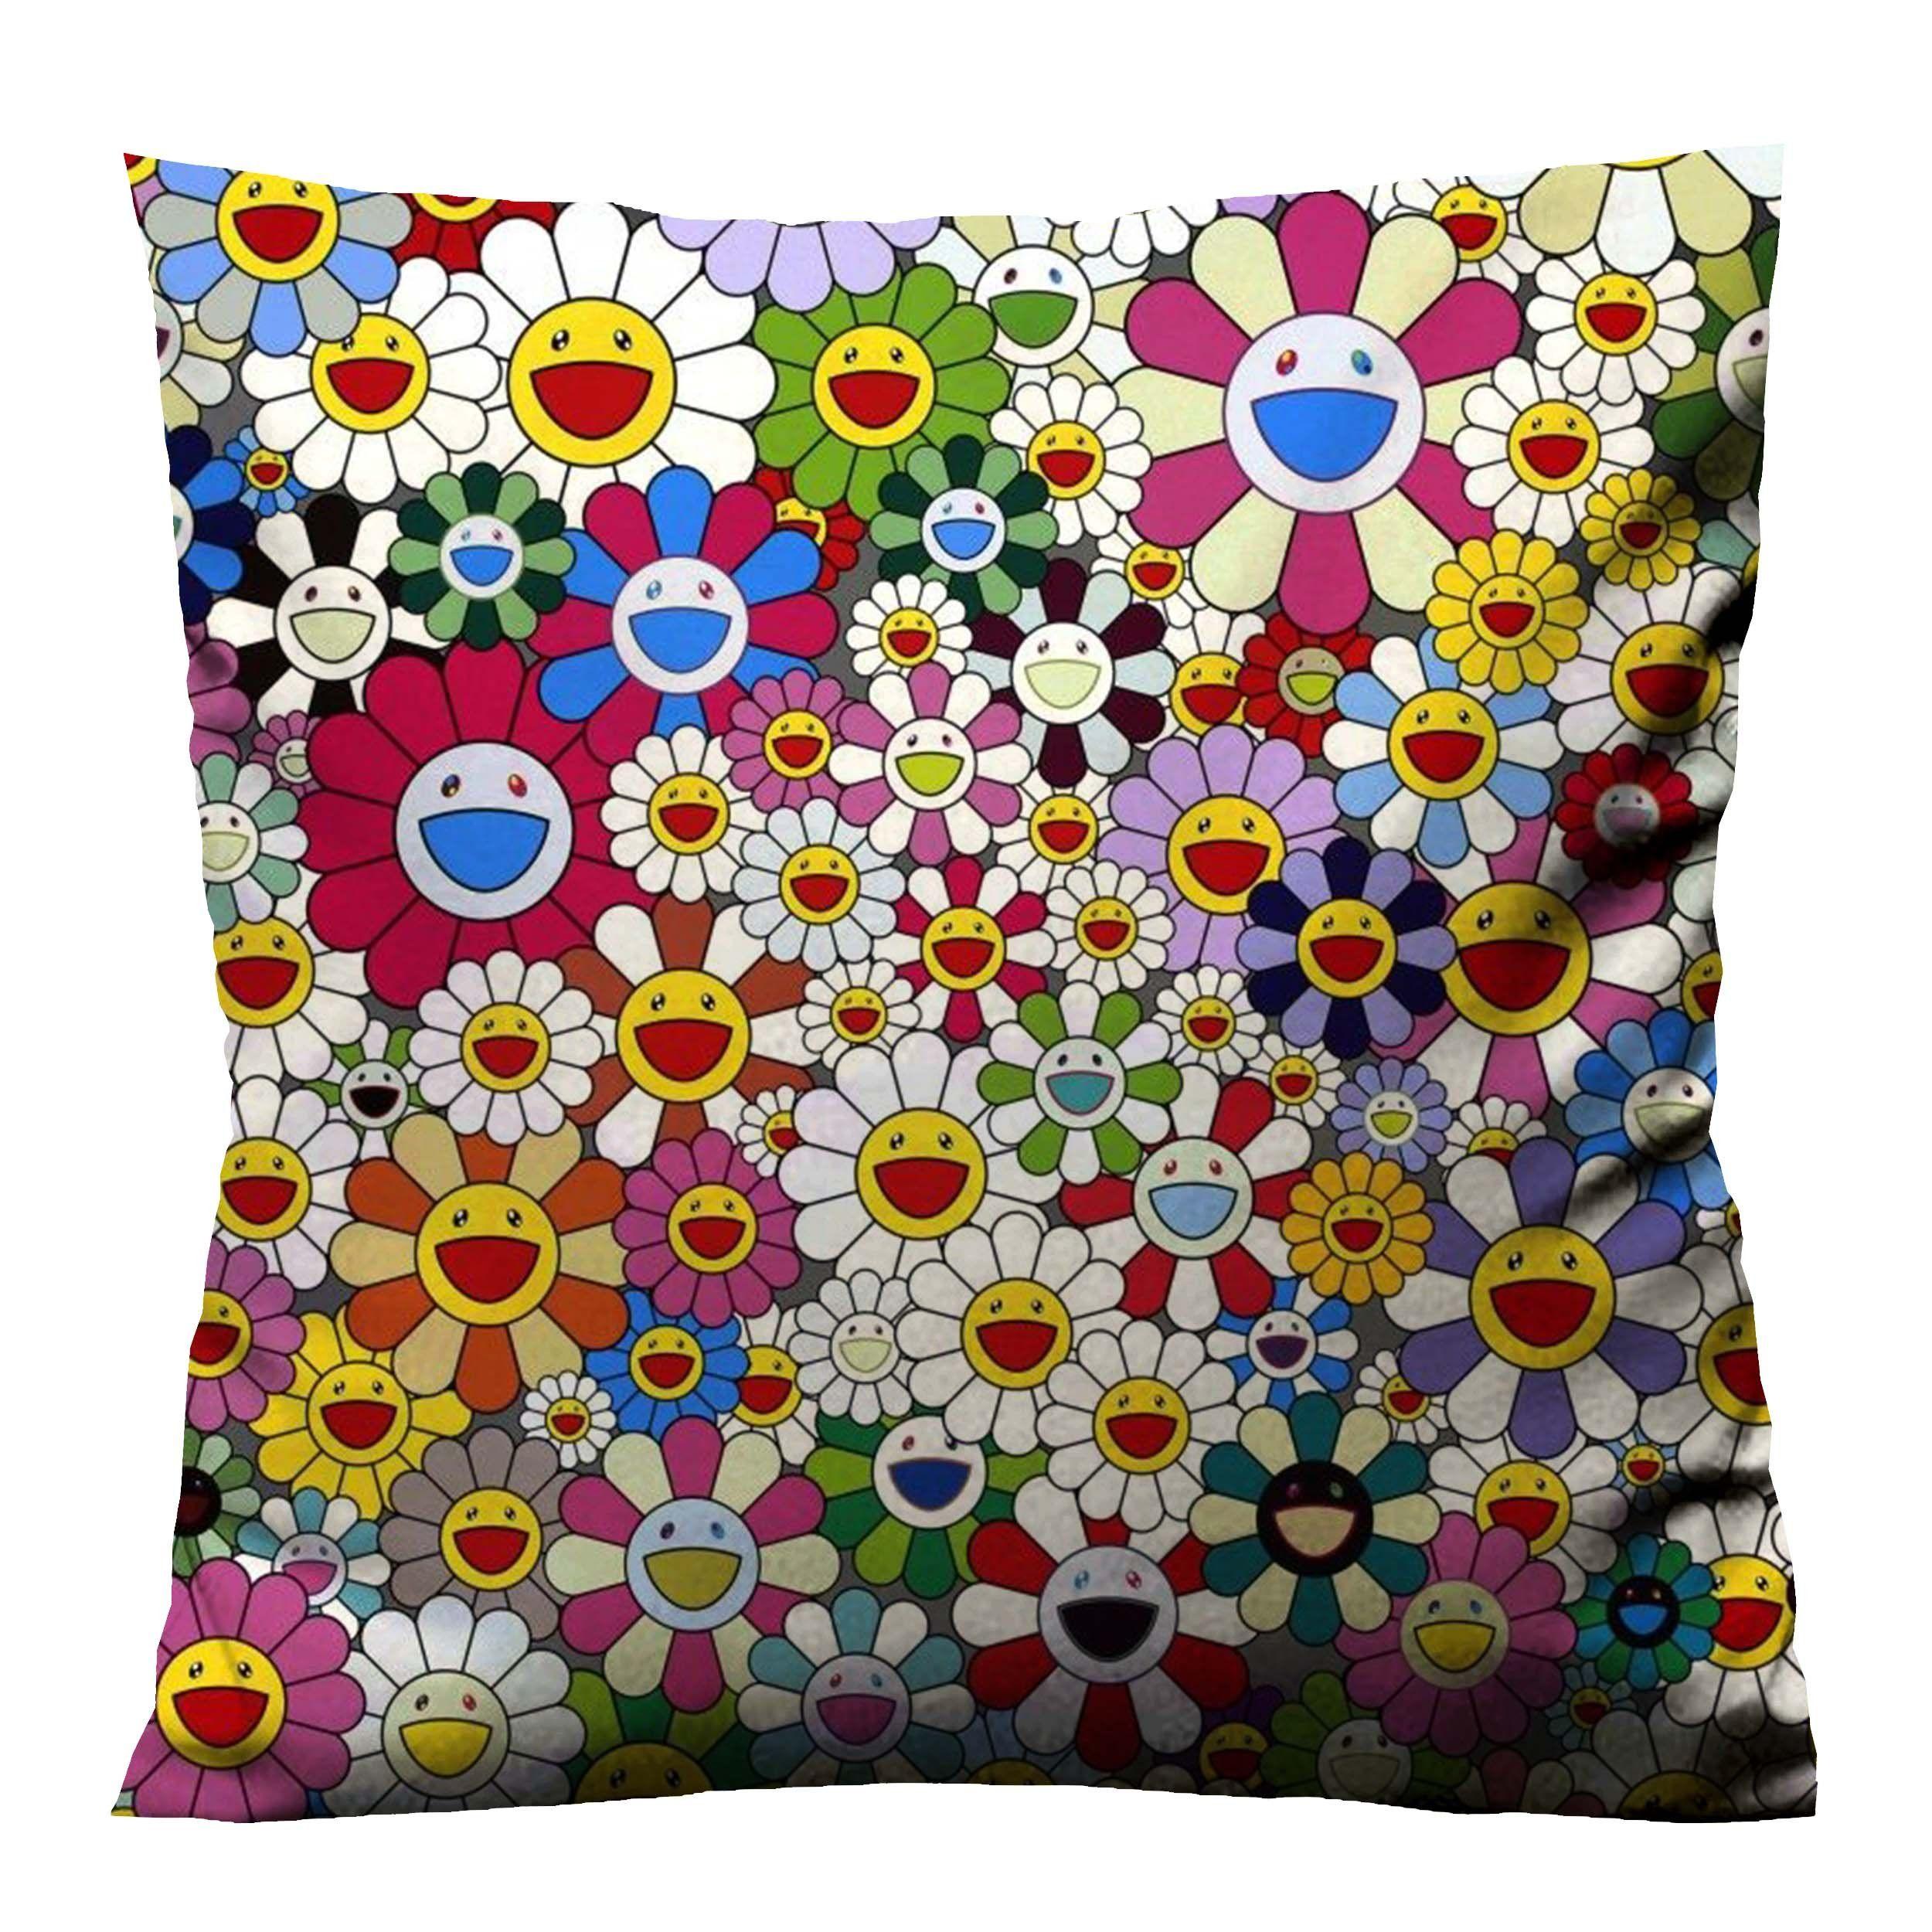 TAKASHI MURAKAMI NEW Cushion Case Cover Casefine